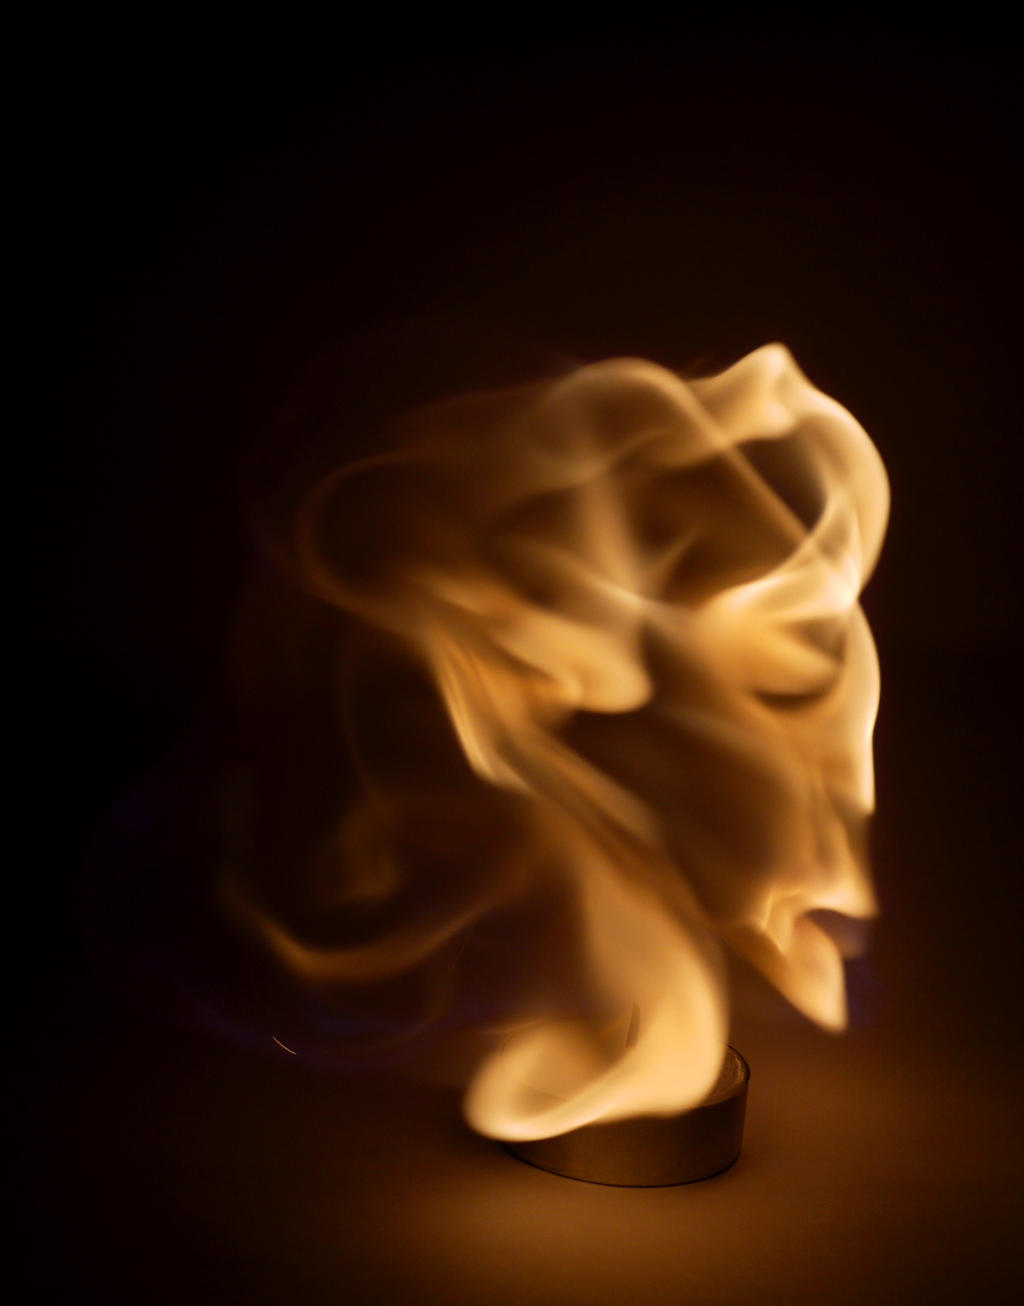 Flames like a head by MadMike27